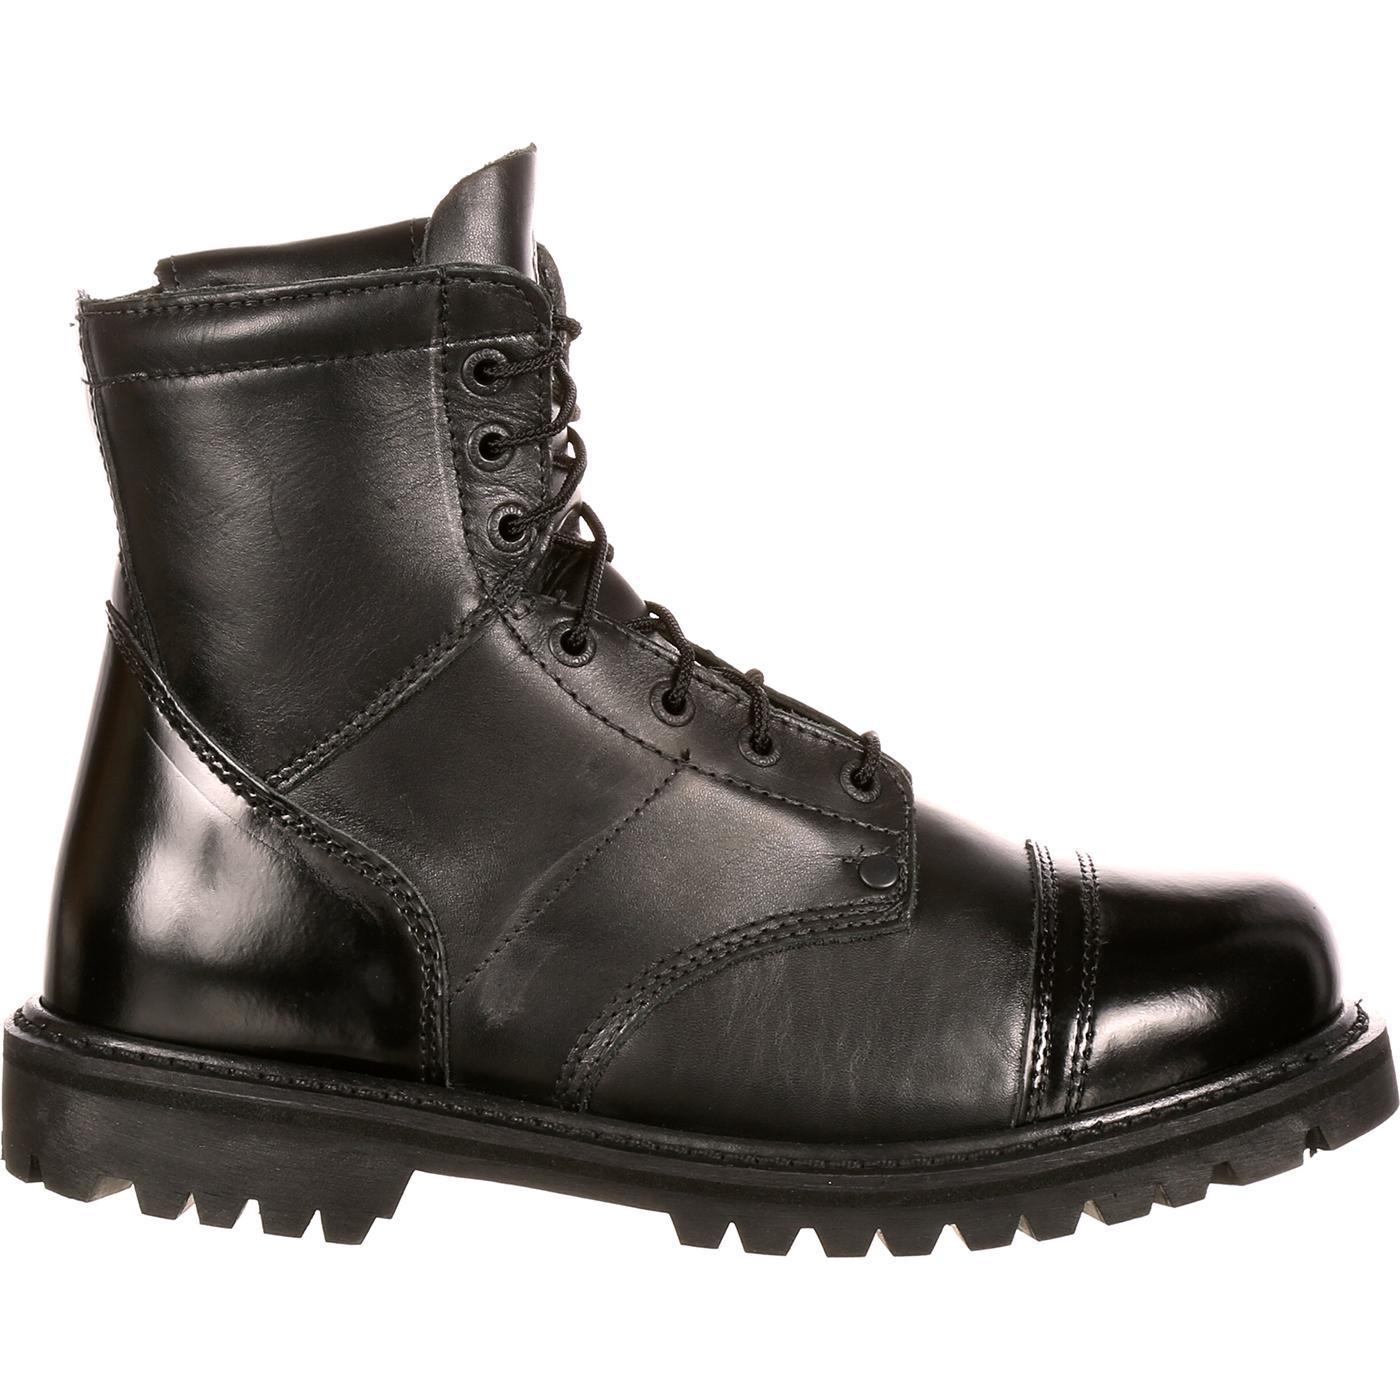 Rocky Duty Boots: Men's Black Side Zipper 7-Inch Jump Boot